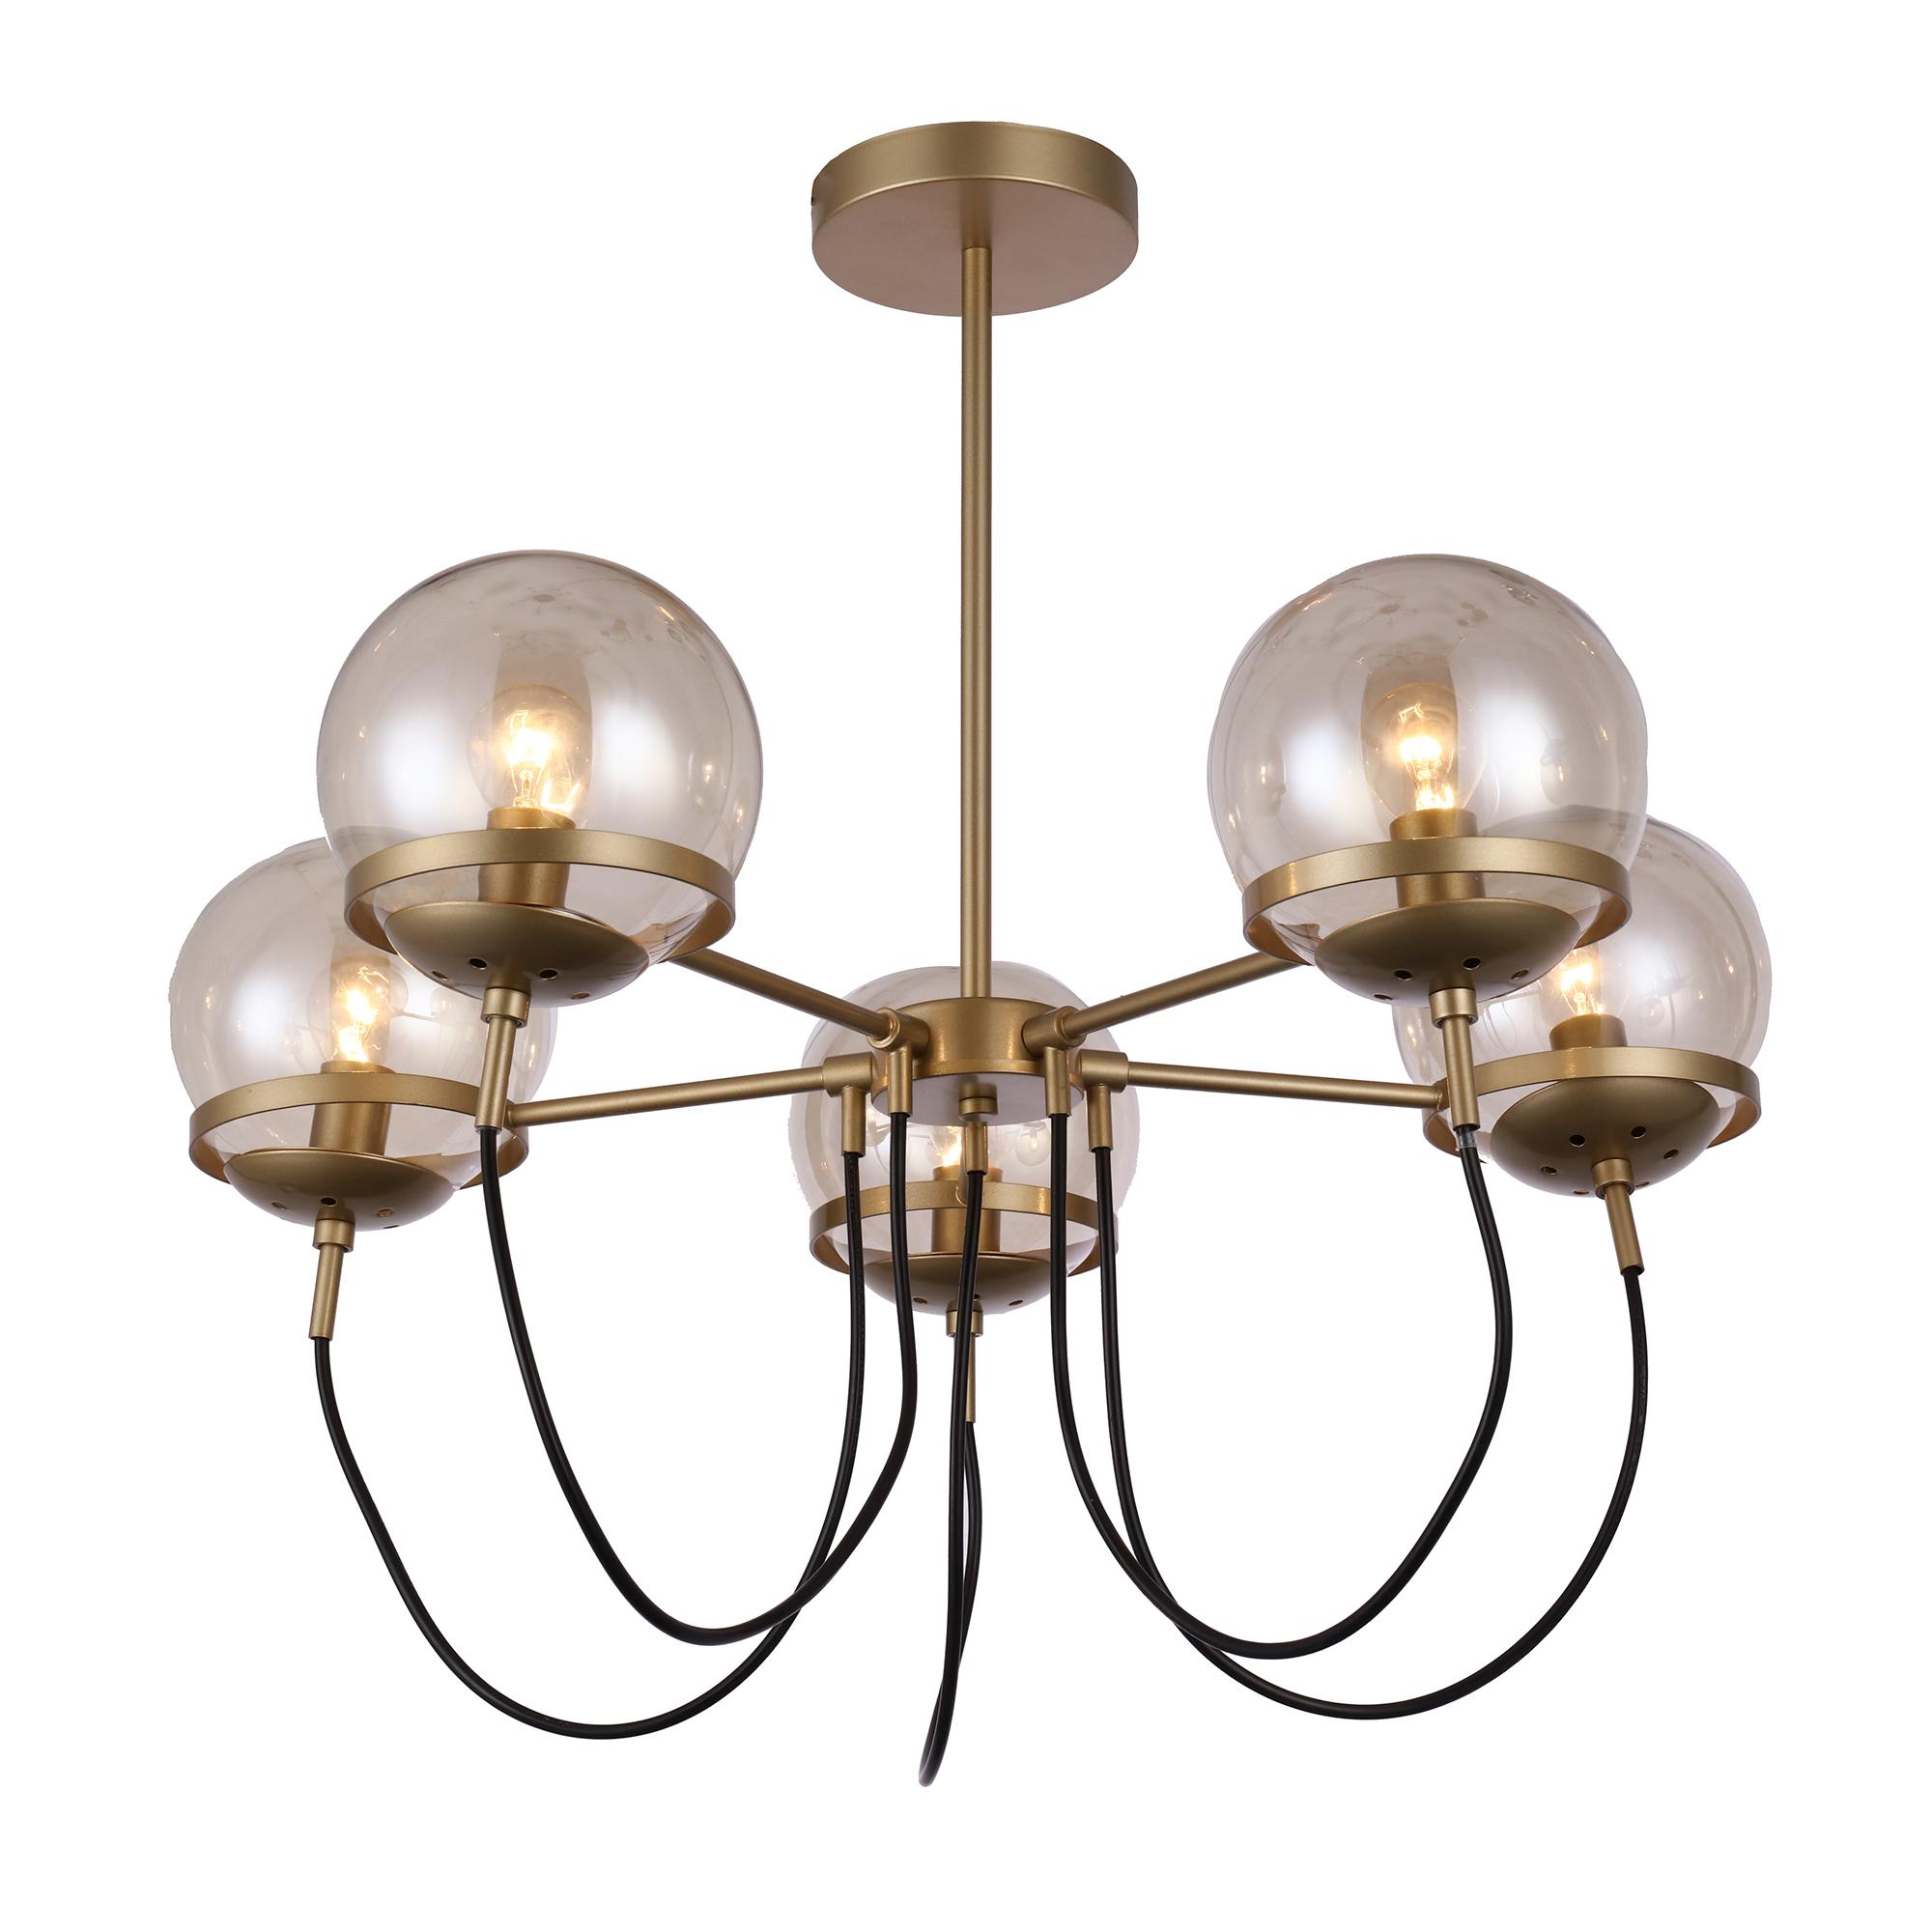 Люстра потолочная J-light IDA 1187/5C E14*5*40W золото/шампань люстра потолочная j light jeam 1013 8c e14 8 40w черный матовый